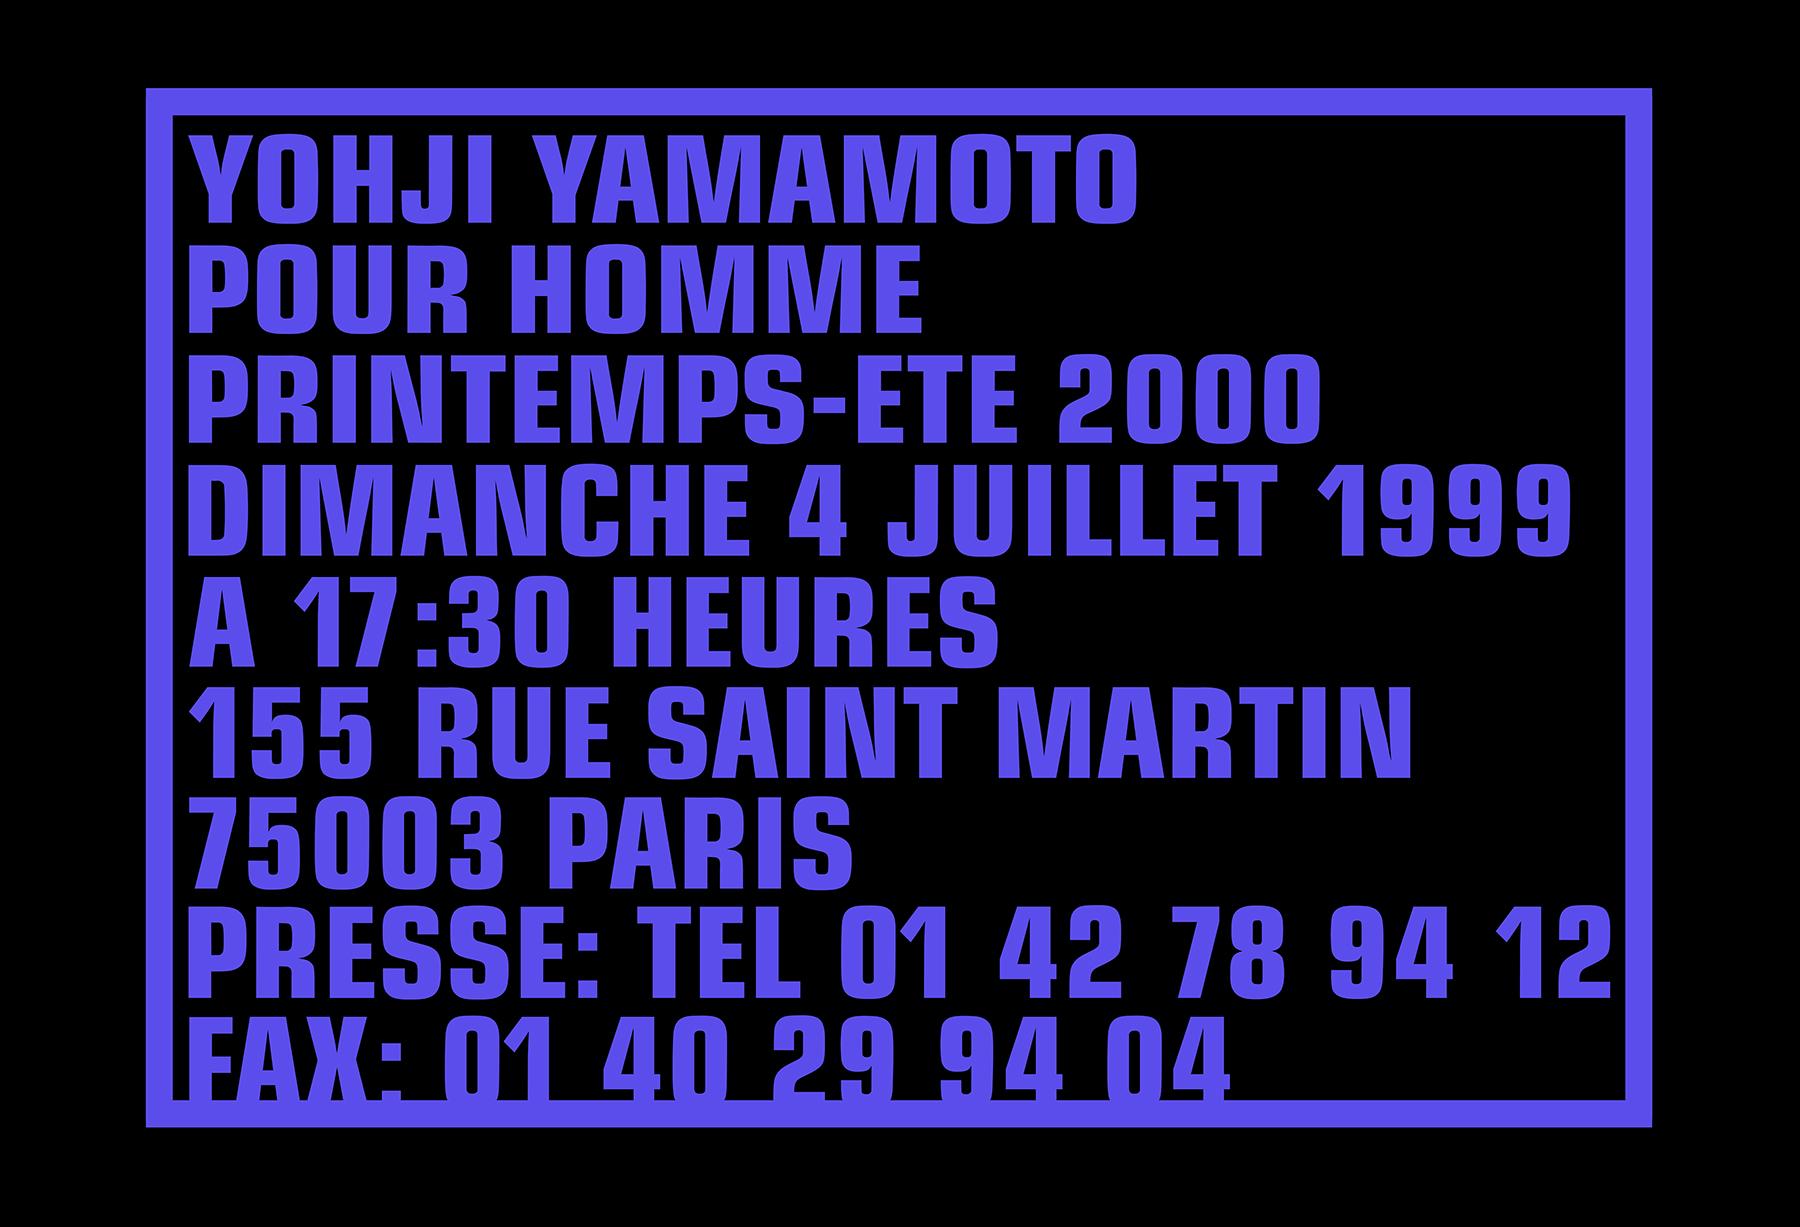 YOHJI YAMAMOTO POUR HOMME PRINTEMPS-ETE 2000 DIMANCHE 4 JUILLET 1999 A 17:30 HEURES 155 RUE SAINT MARTIN 75003 PARIS PRESSE: TEL 01 42 78 94 12 FAX: 01 40 29 94 04  July 14 - August 18, 2018